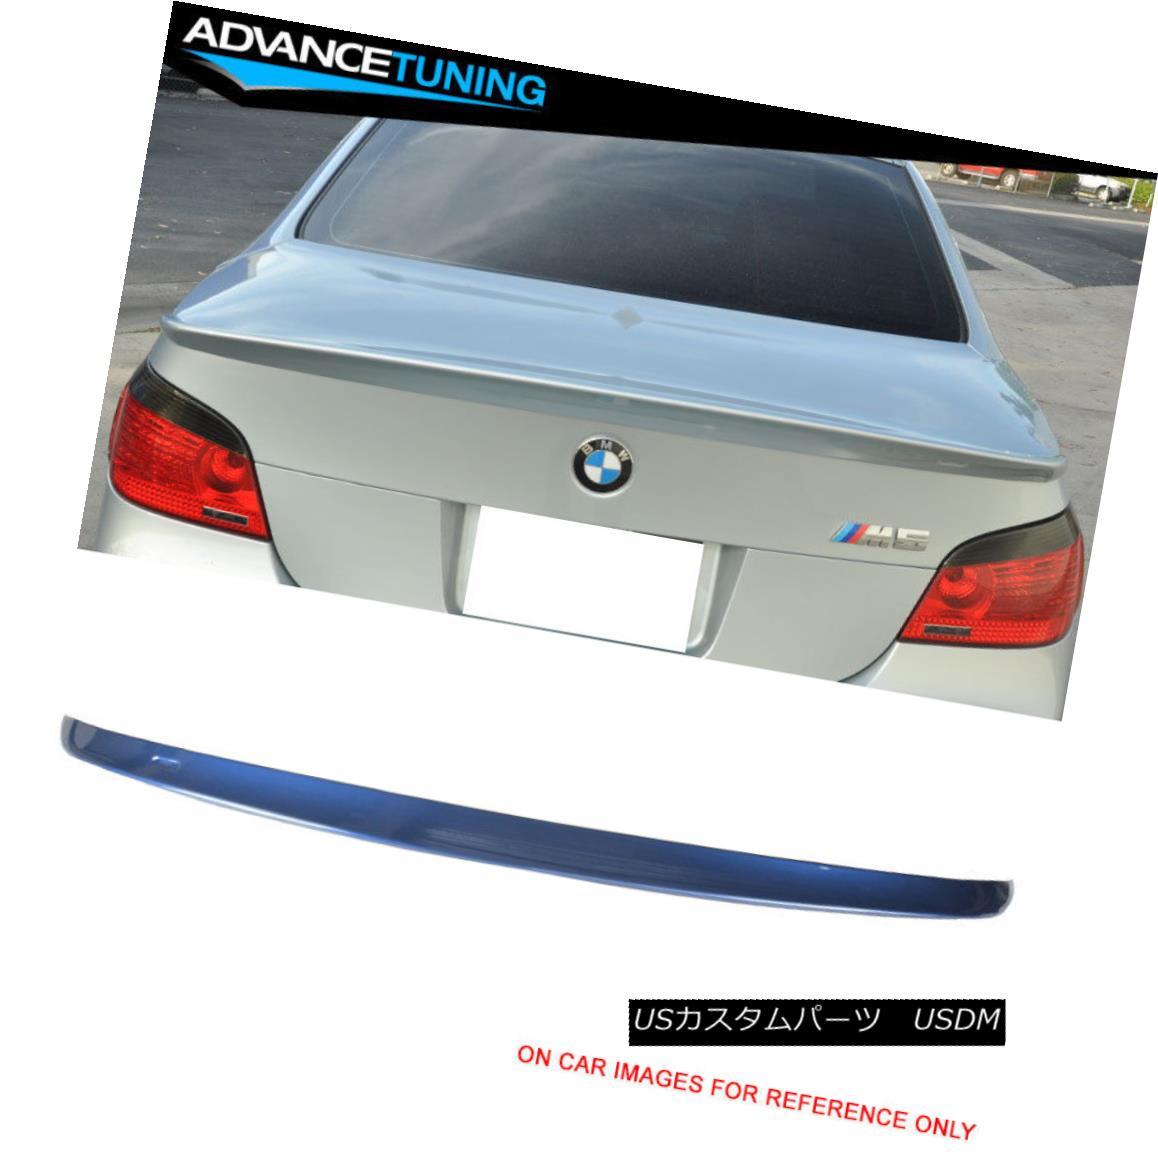 エアロパーツ Fits 04-10 E60 5-Series Trunk Spoiler OEM Painted #A07 Mystic Blue Metallic フィット04-10 E60 5シリーズトランク・スポイラーOEM塗装#A07ミスティック・ブルー・メタリック